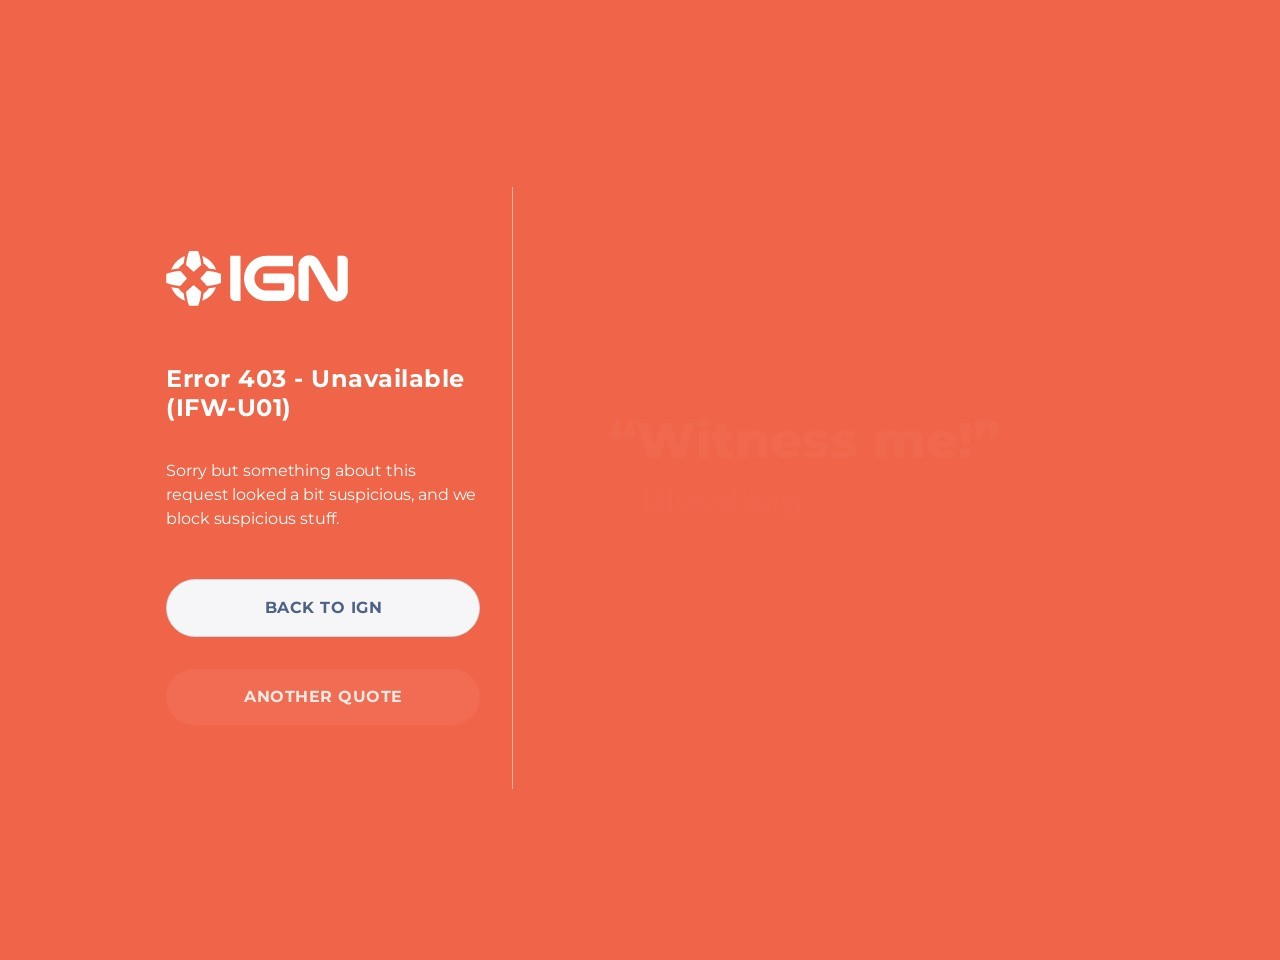 ign.com